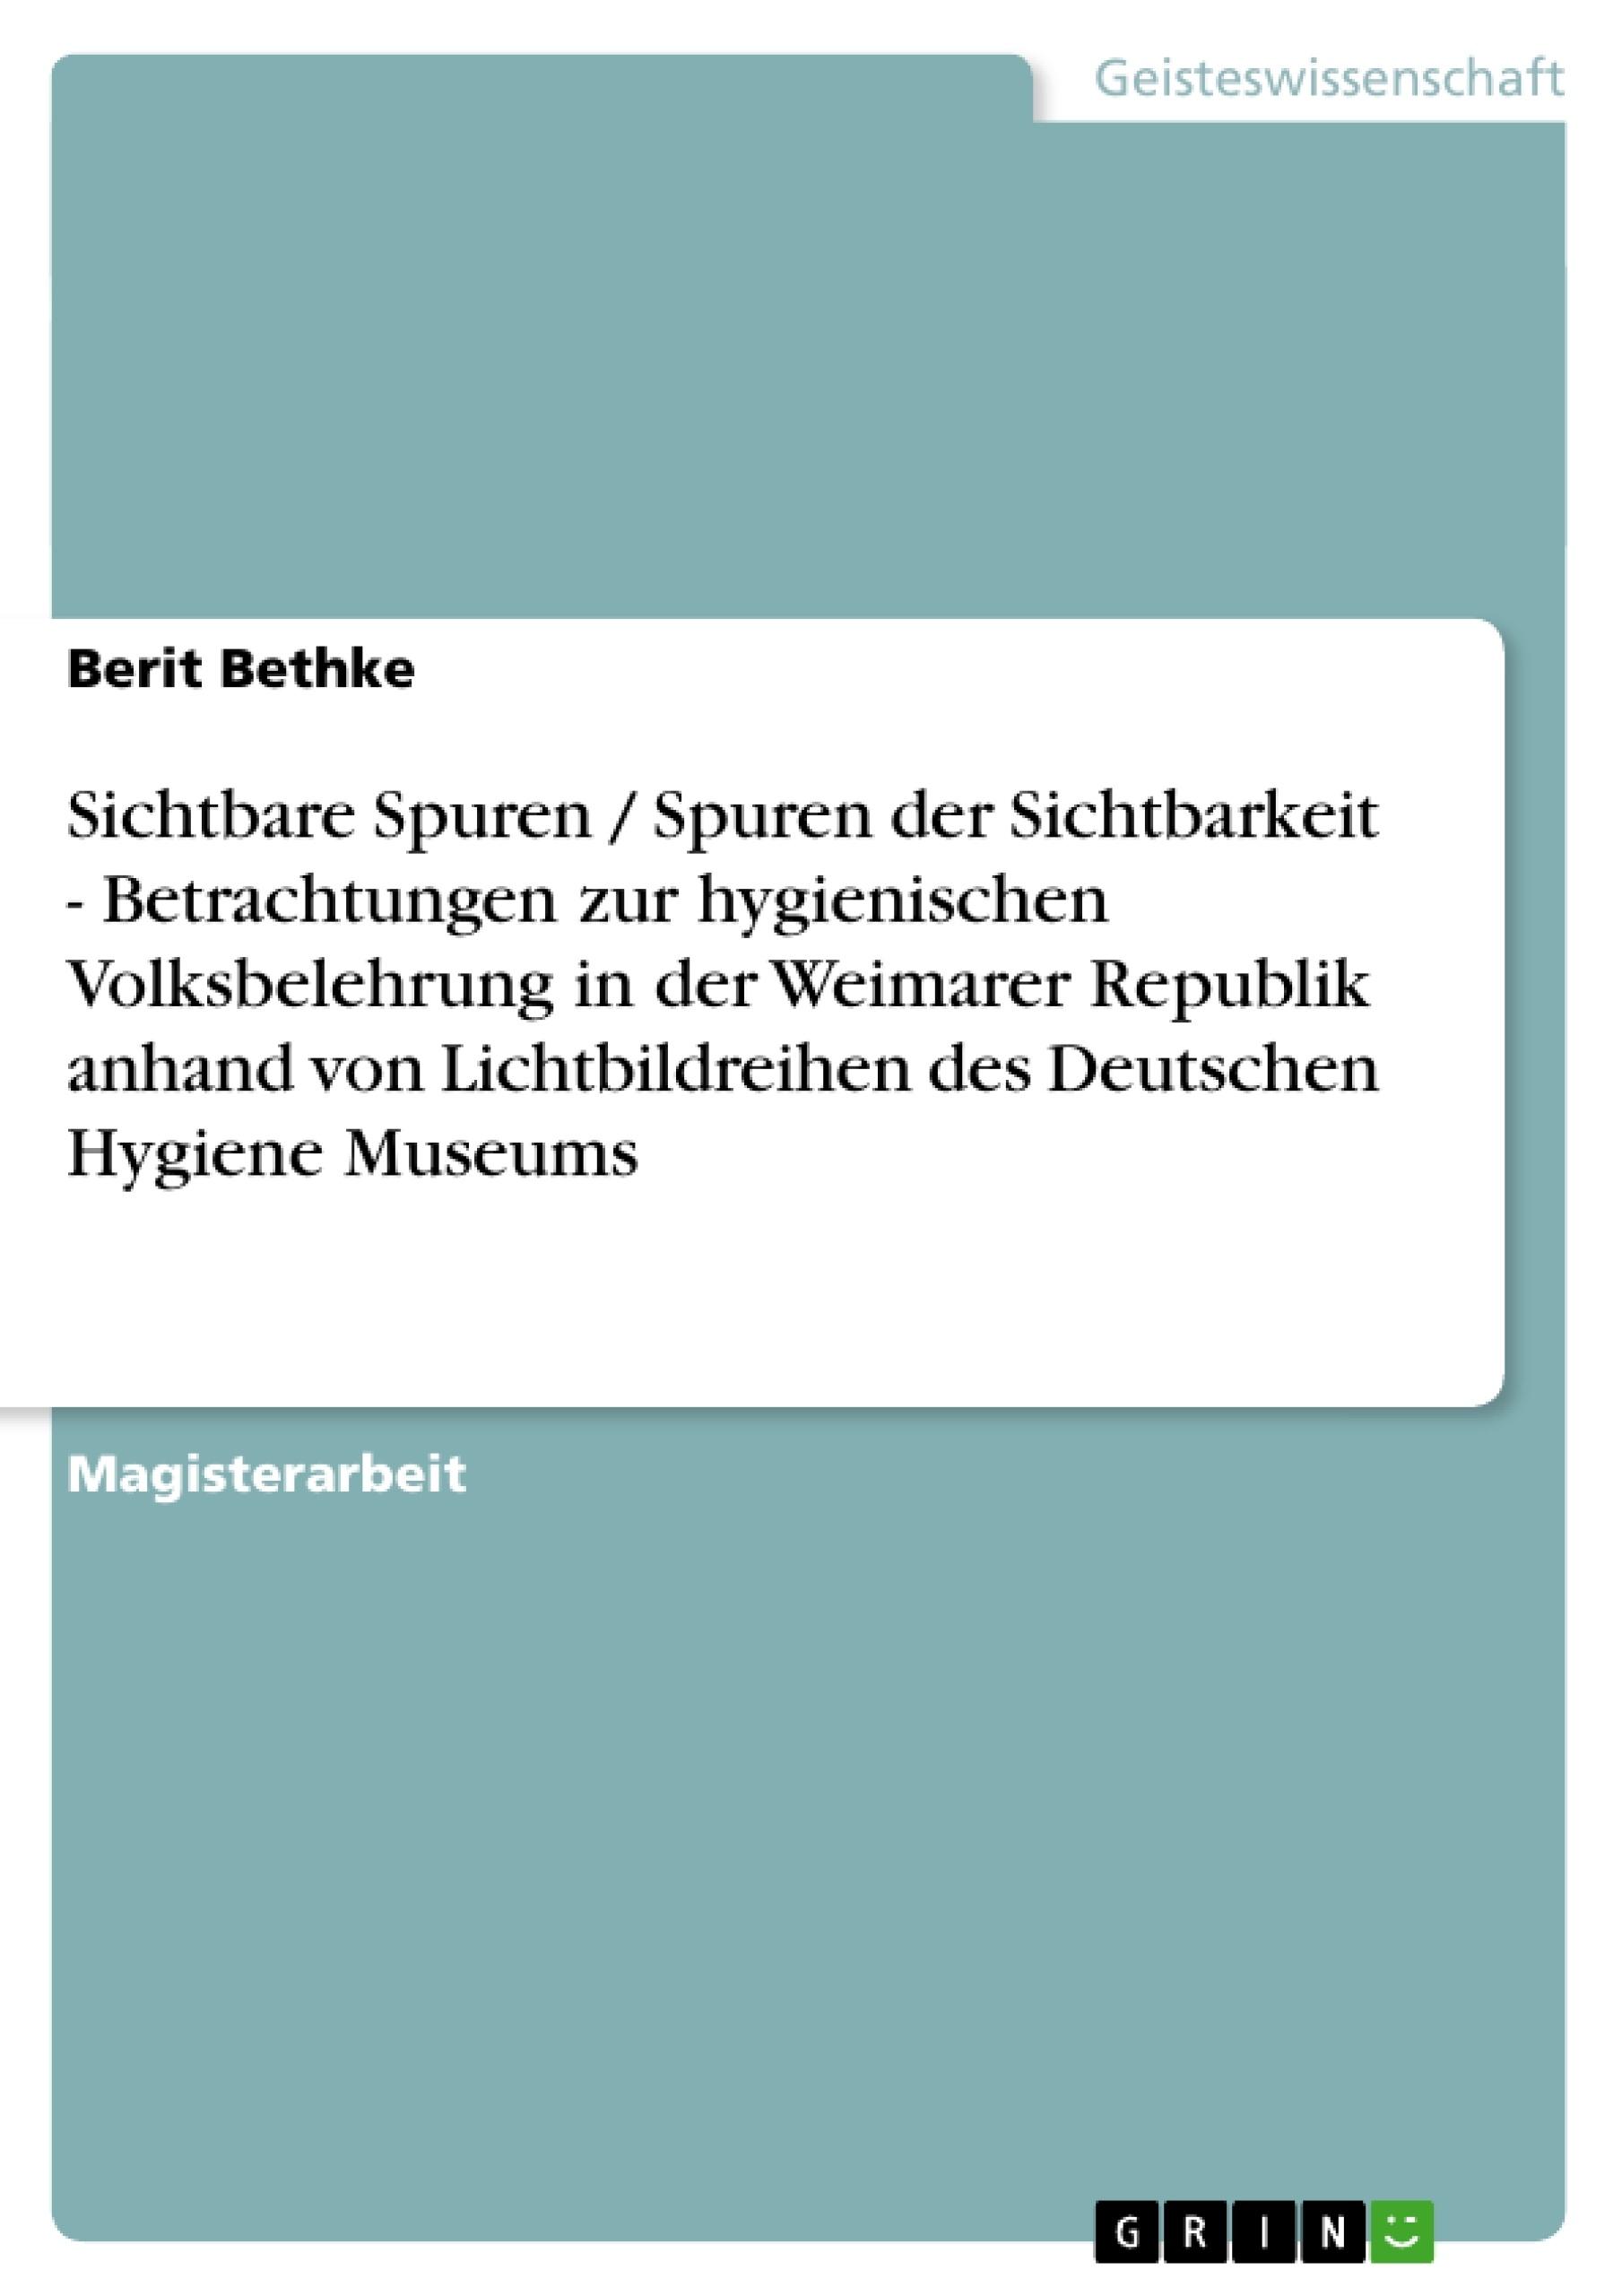 Titel: Sichtbare Spuren / Spuren der Sichtbarkeit - Betrachtungen zur hygienischen Volksbelehrung in der Weimarer Republik anhand von Lichtbildreihen des Deutschen Hygiene Museums